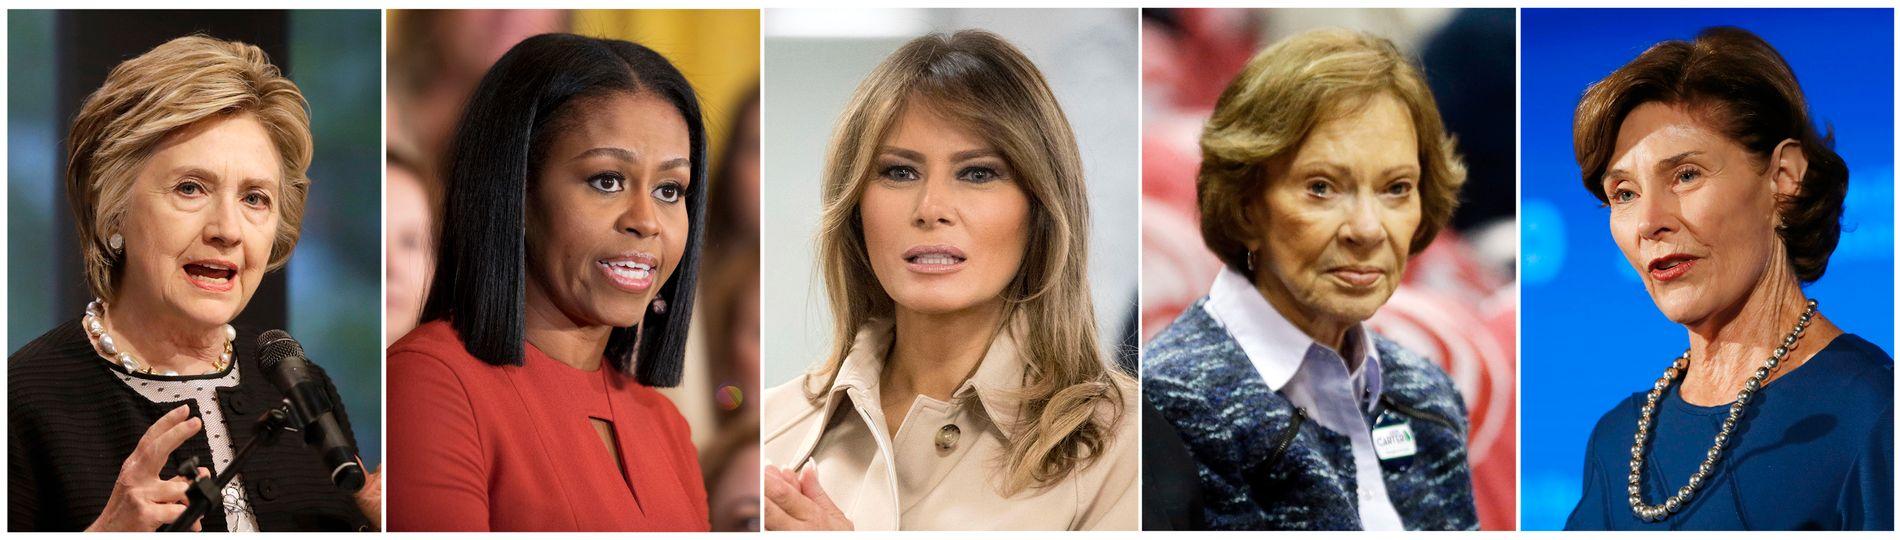 USAs førstedame Melania Trump (i midten) får følge av de fire tidligere førstedamene Hillary Clinton, Michelle Obama, Rosalynn Carter og Laura Bush i sin kritikk av praksisen med å skille barn fra foreldrene på grensa til Mexico og internere dem.